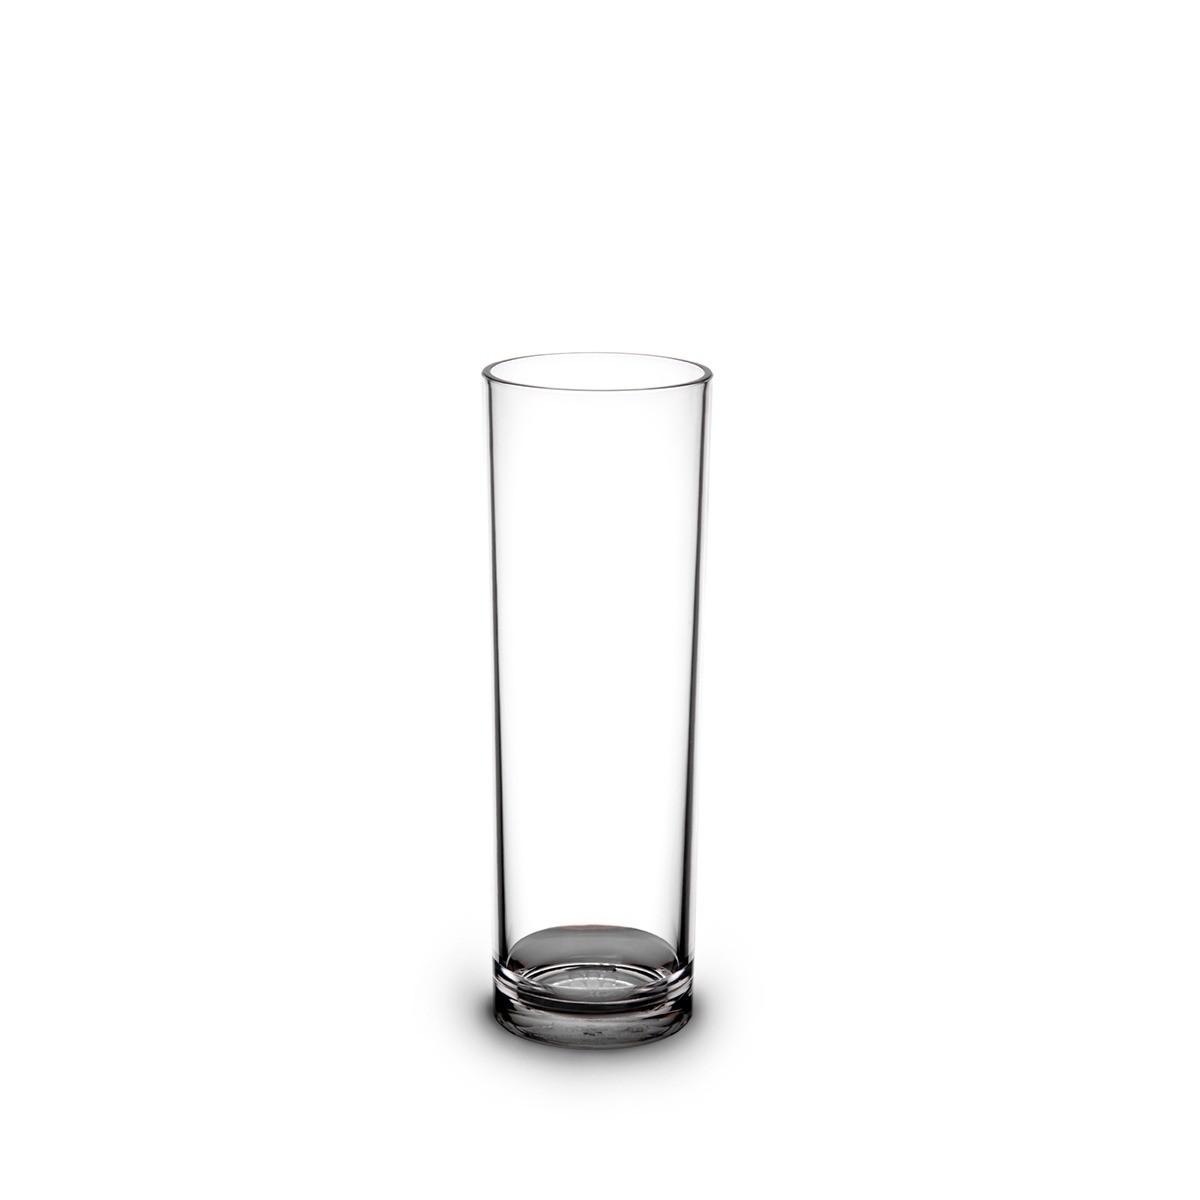 Découvrez notre tube long drink transparent incassable pour servir vos boissons en toute sérénité.